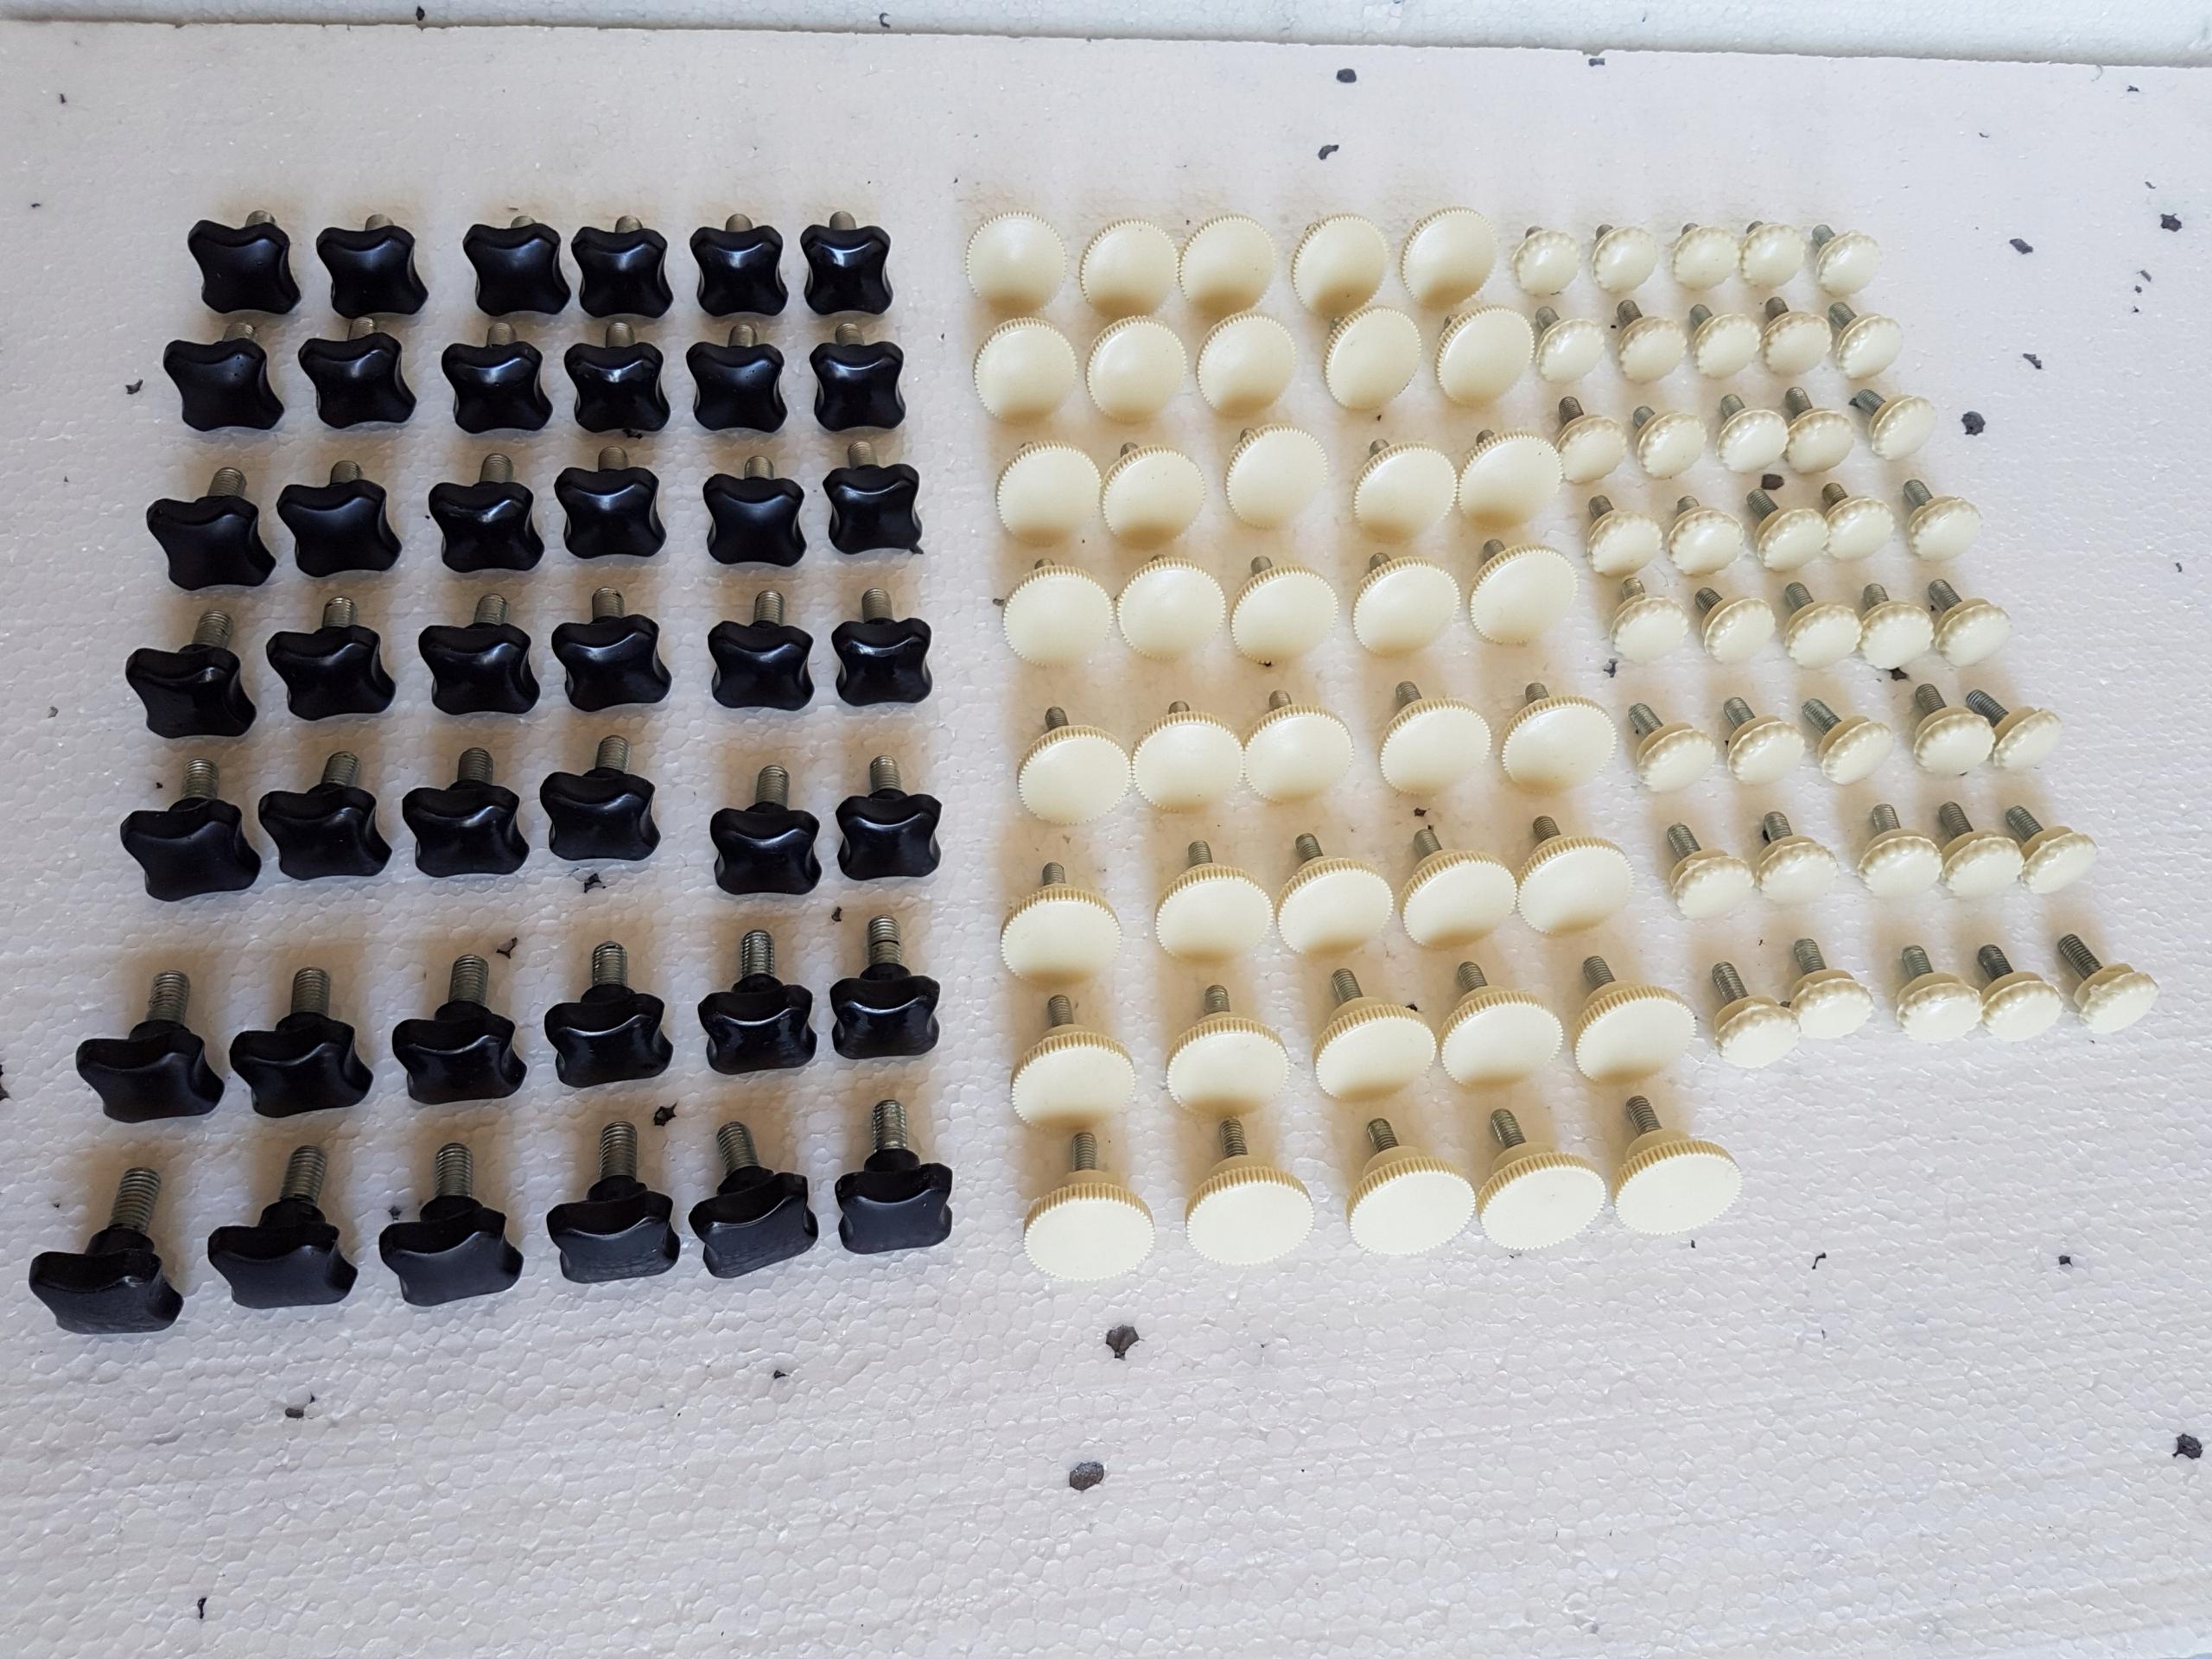 Odlievanie 3D tlač výrobu plastového polyuretánu